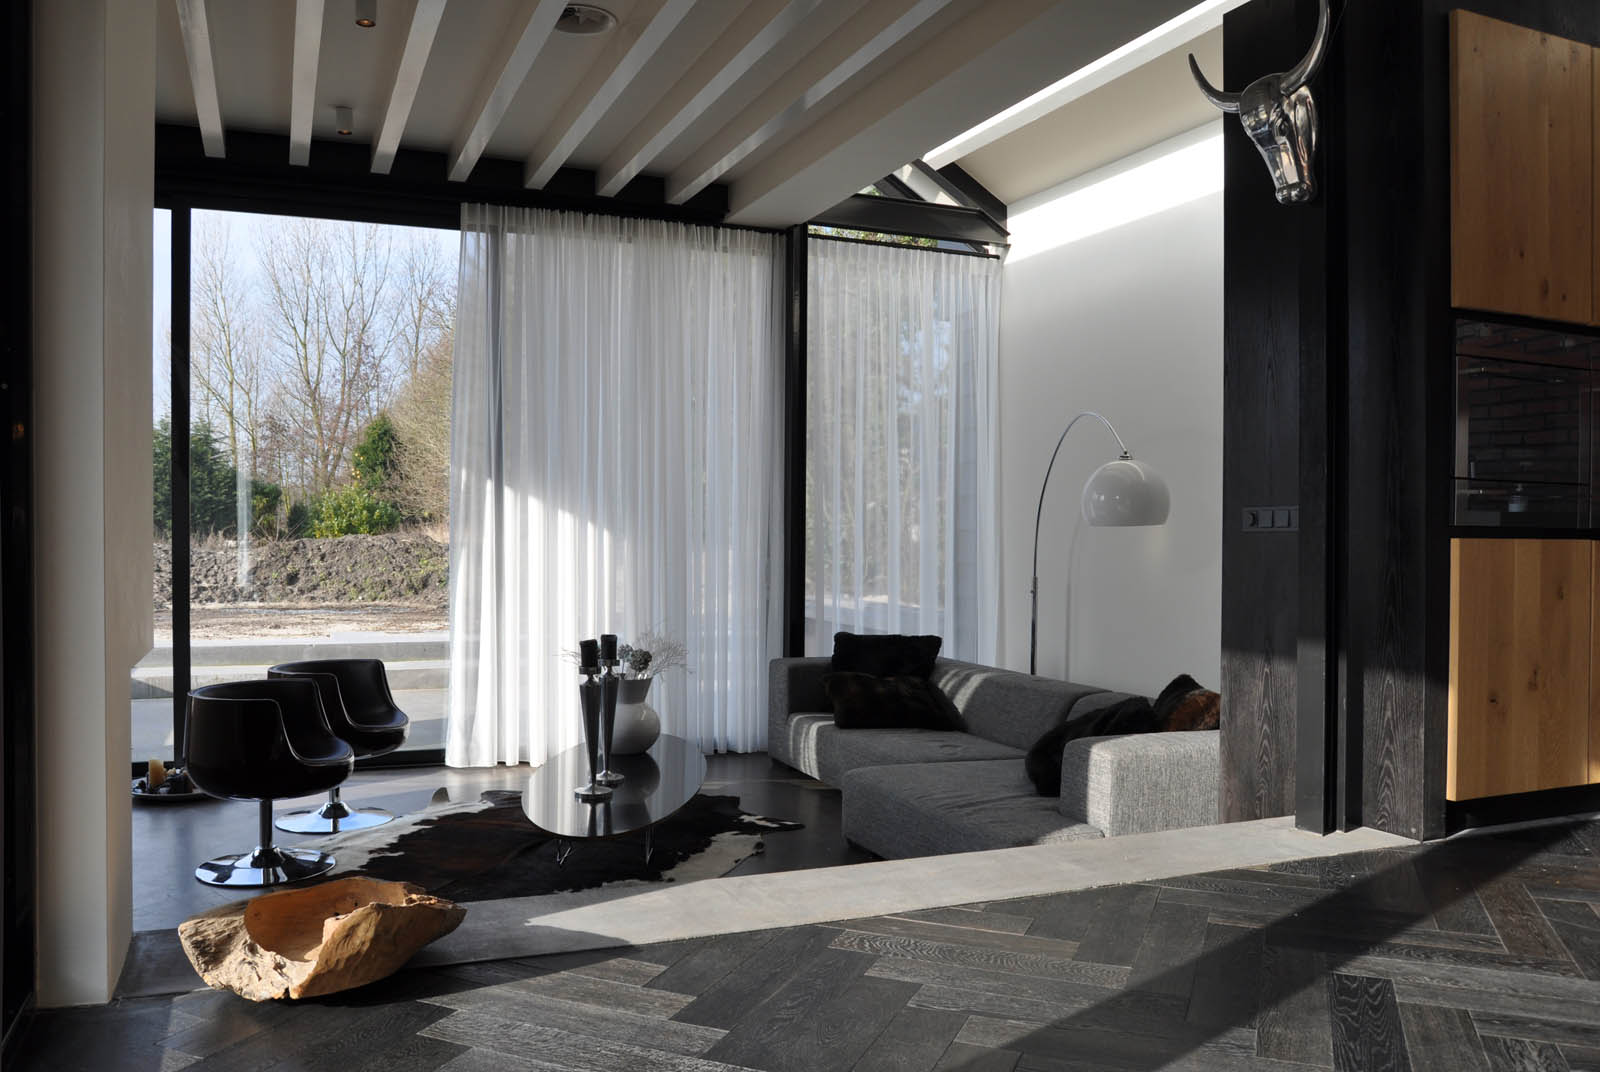 Serre, Villa Heiloo, by Jeroen de Nijs